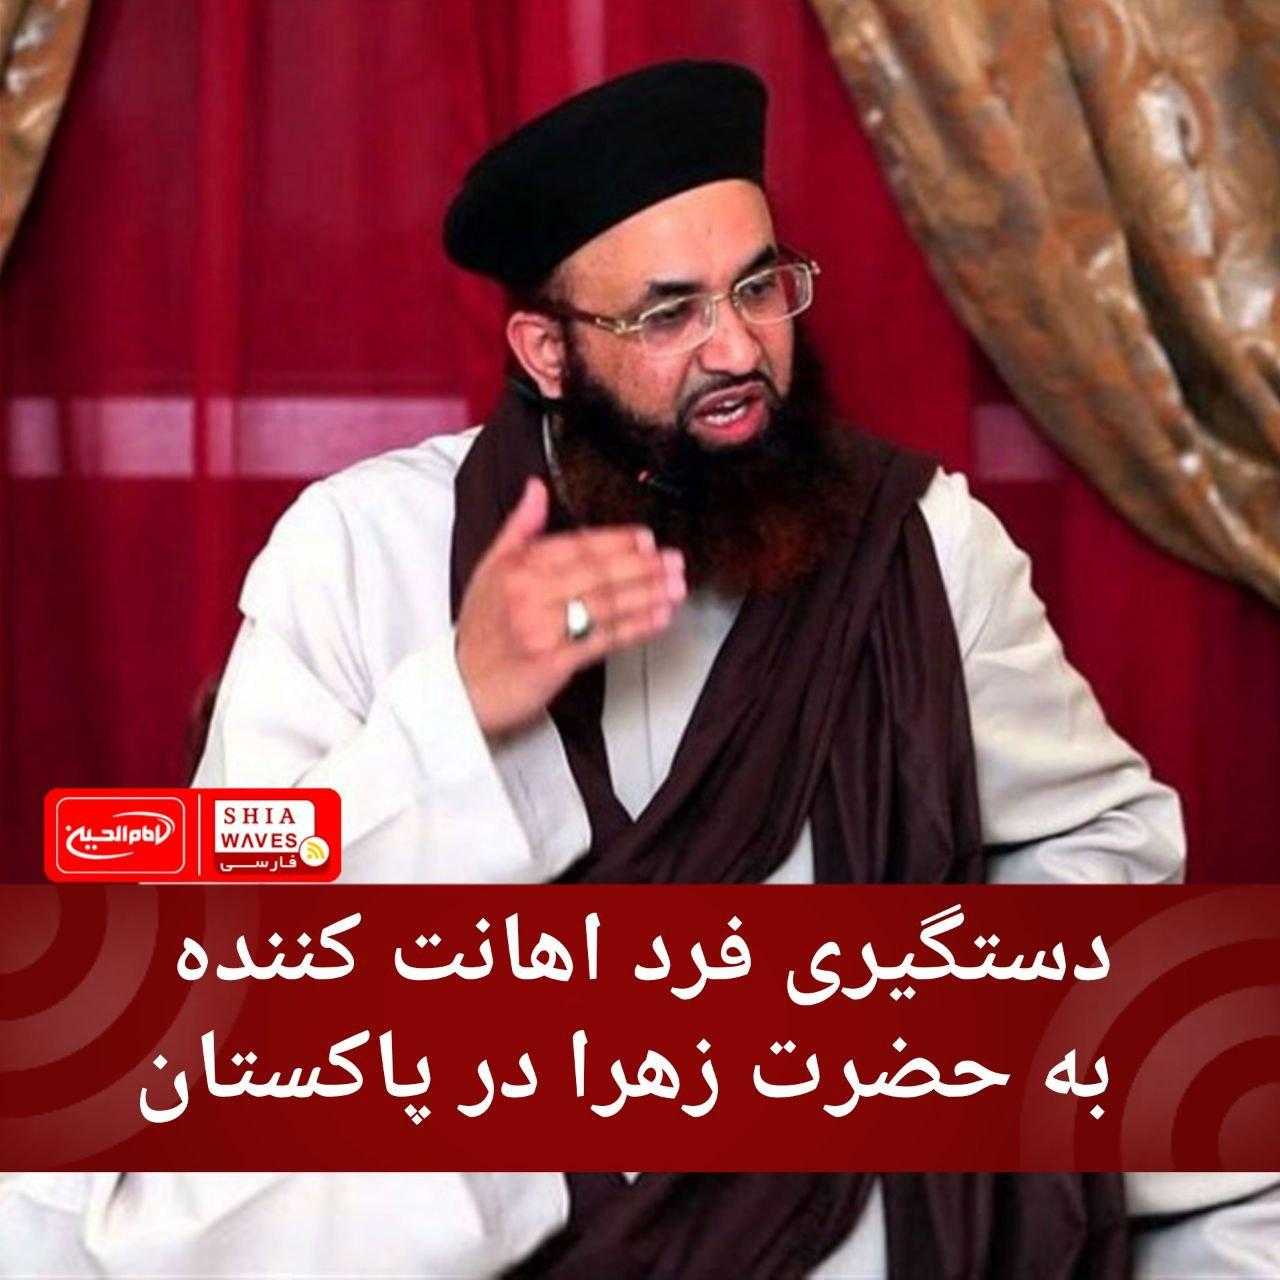 تصویر دستگیری فرد اهانت کننده به حضرت زهرا در پاکستان